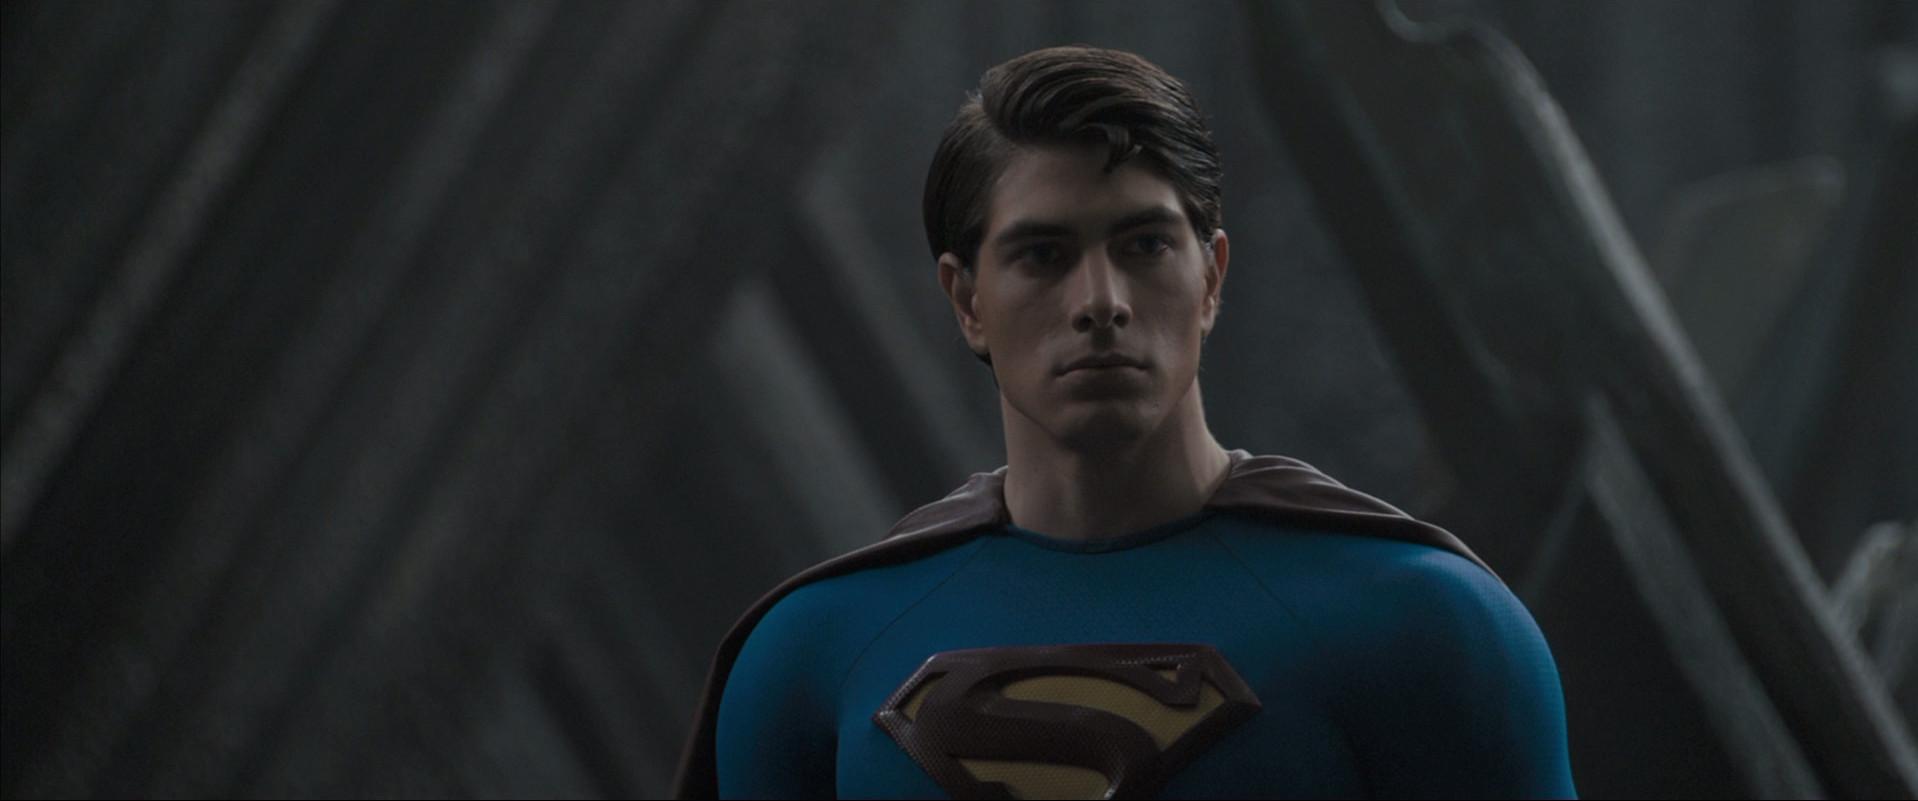 SupermanReturnsMovie.jpg